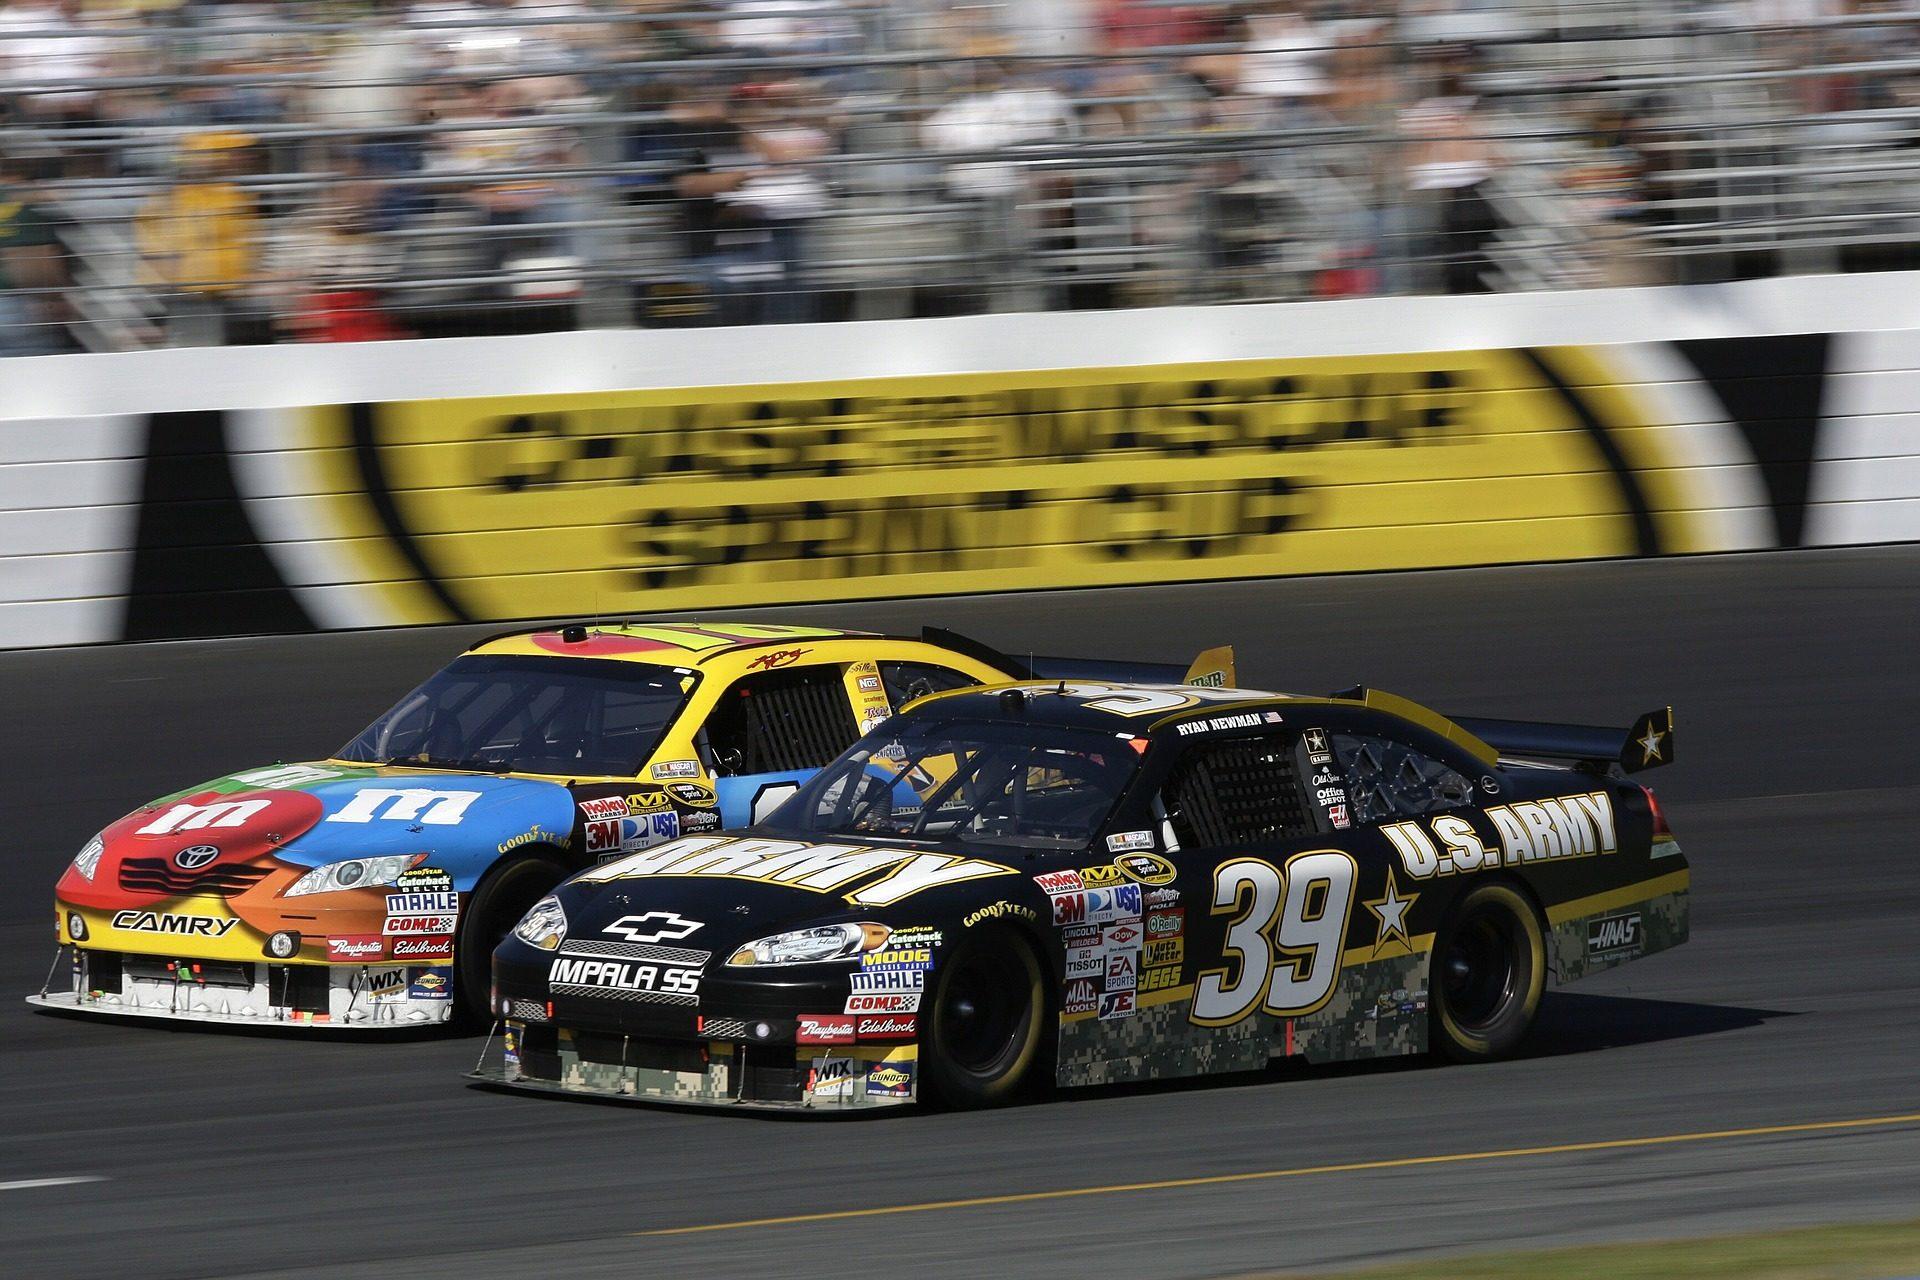 Карьера, Автомобили, NASCAR, скорость, цепь - Обои HD - Профессор falken.com